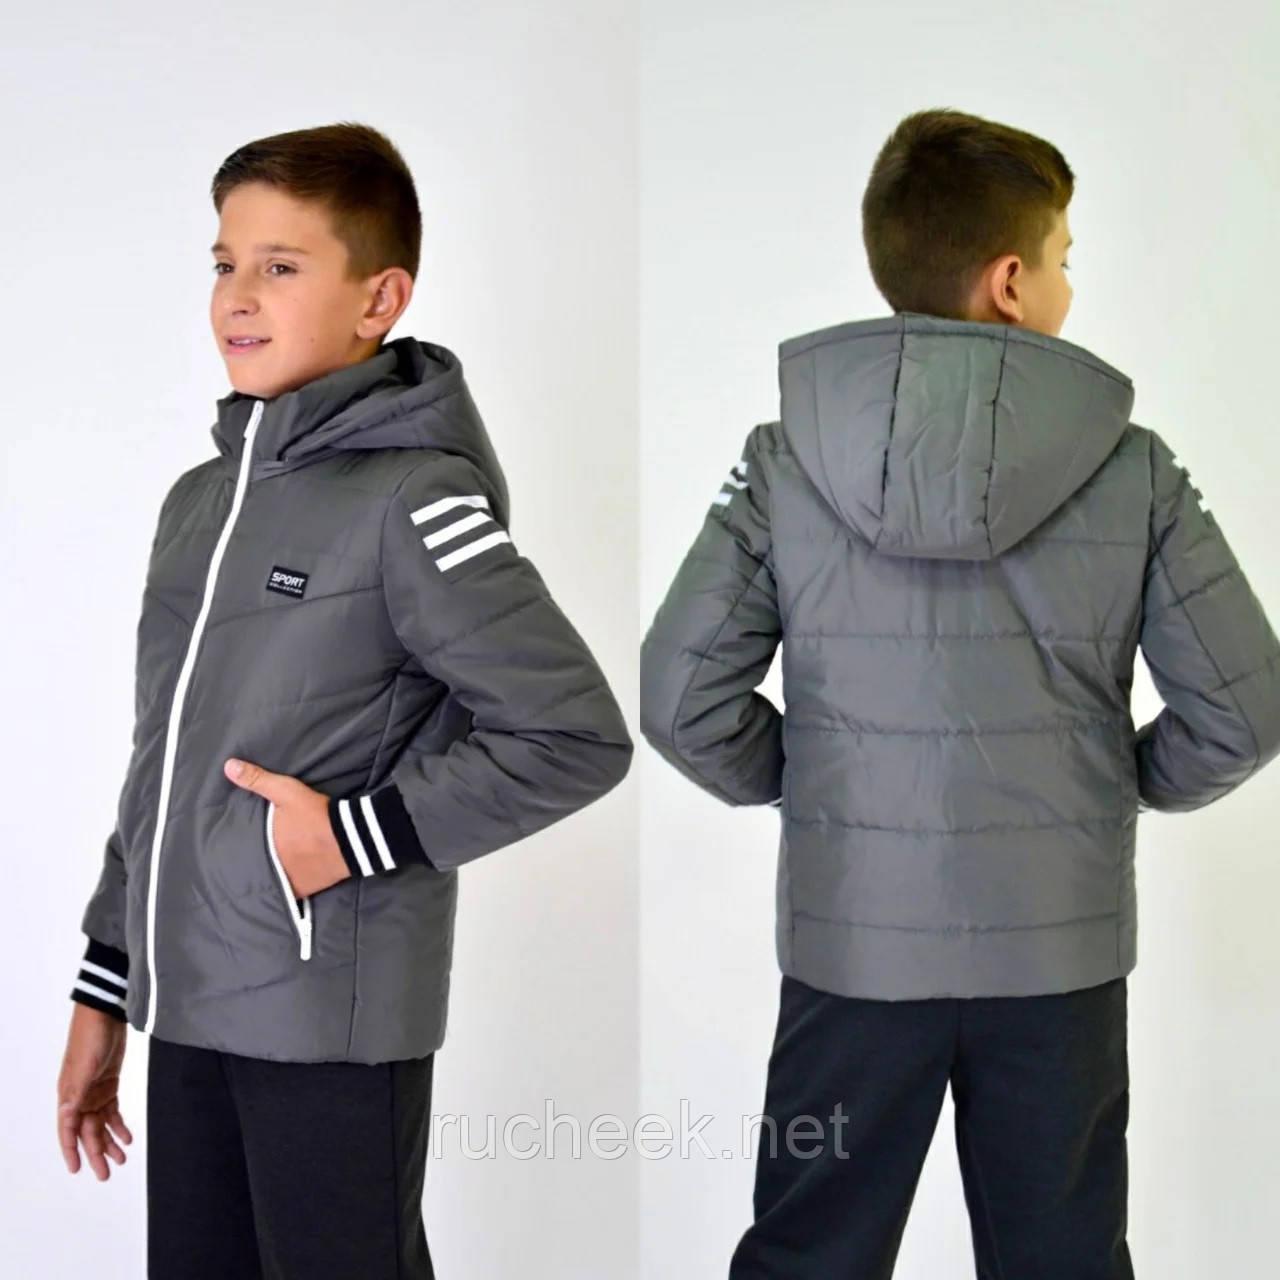 Куртка для мальчика рост 140-146 Браин. Детские куртки в Украине